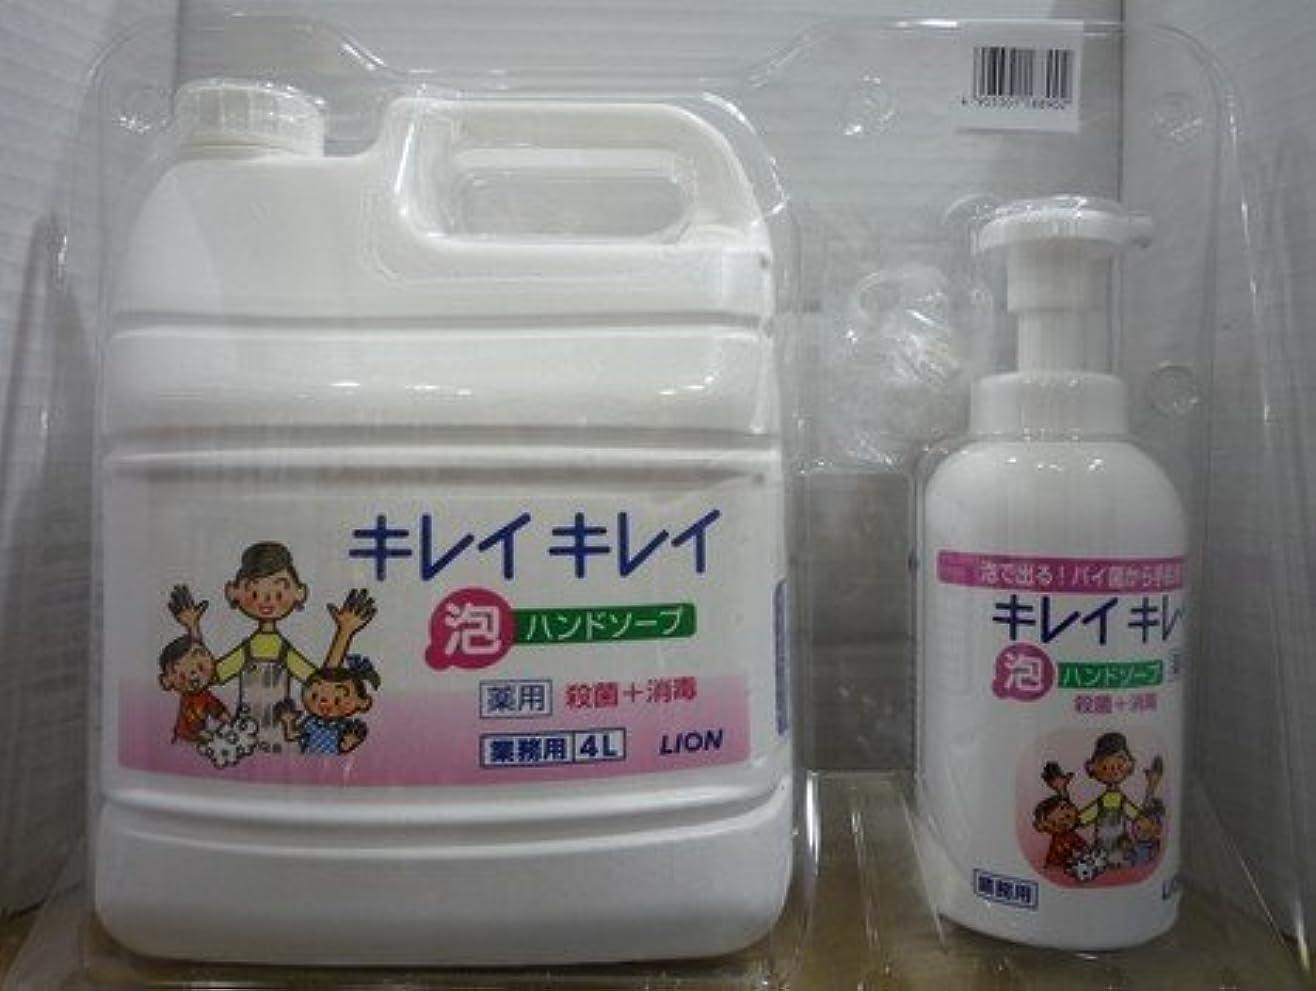 ランタン千骨髄キレイキレイ 薬用泡ハンドソープ 業務用 4L+キレイキレイ 薬用泡ハンドソープボトル550ml